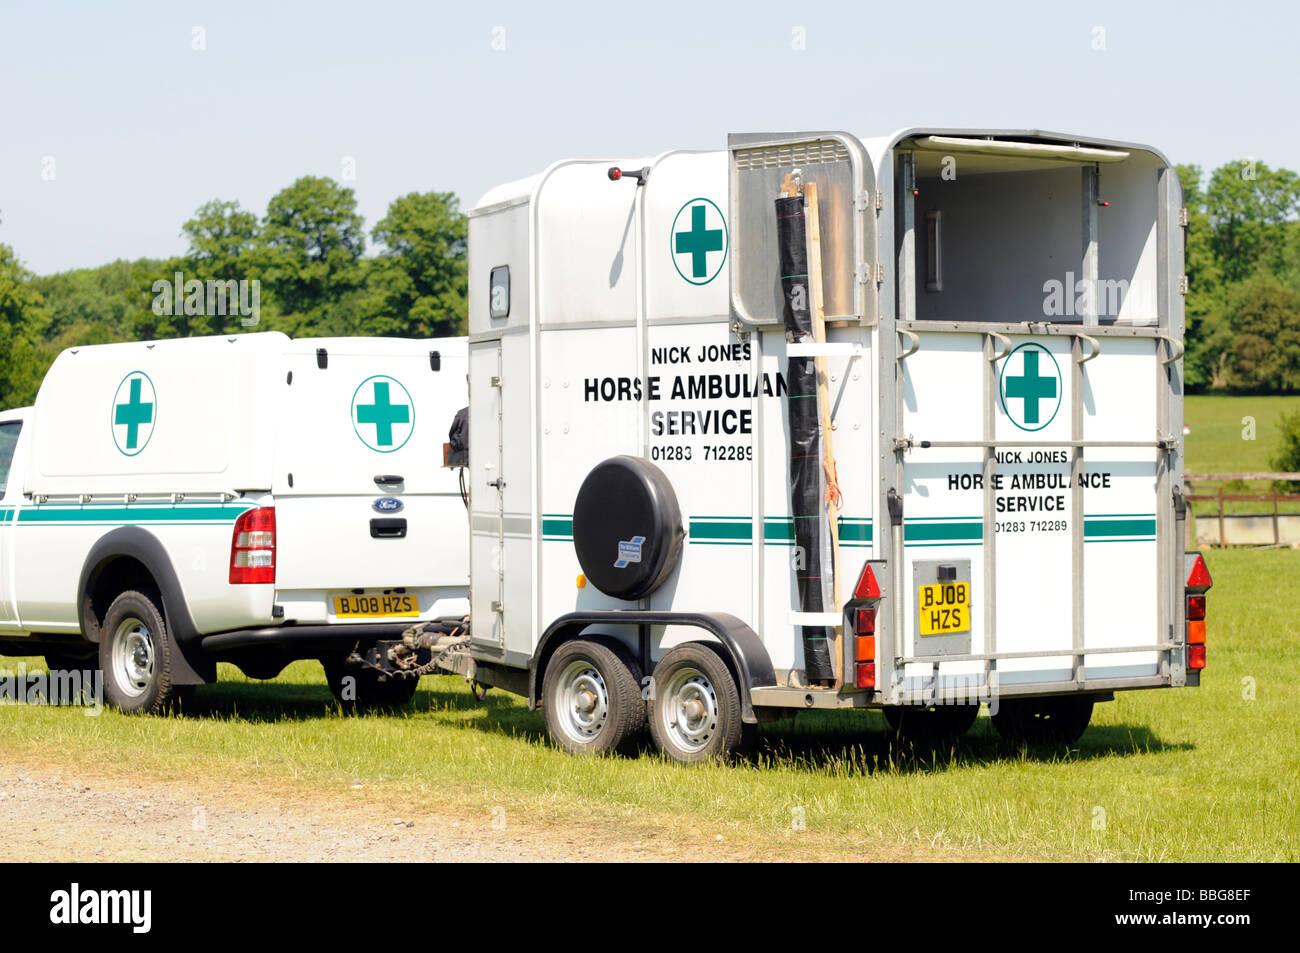 horse box stock photos horse box stock images alamy horse ambulance service vehicle stock image